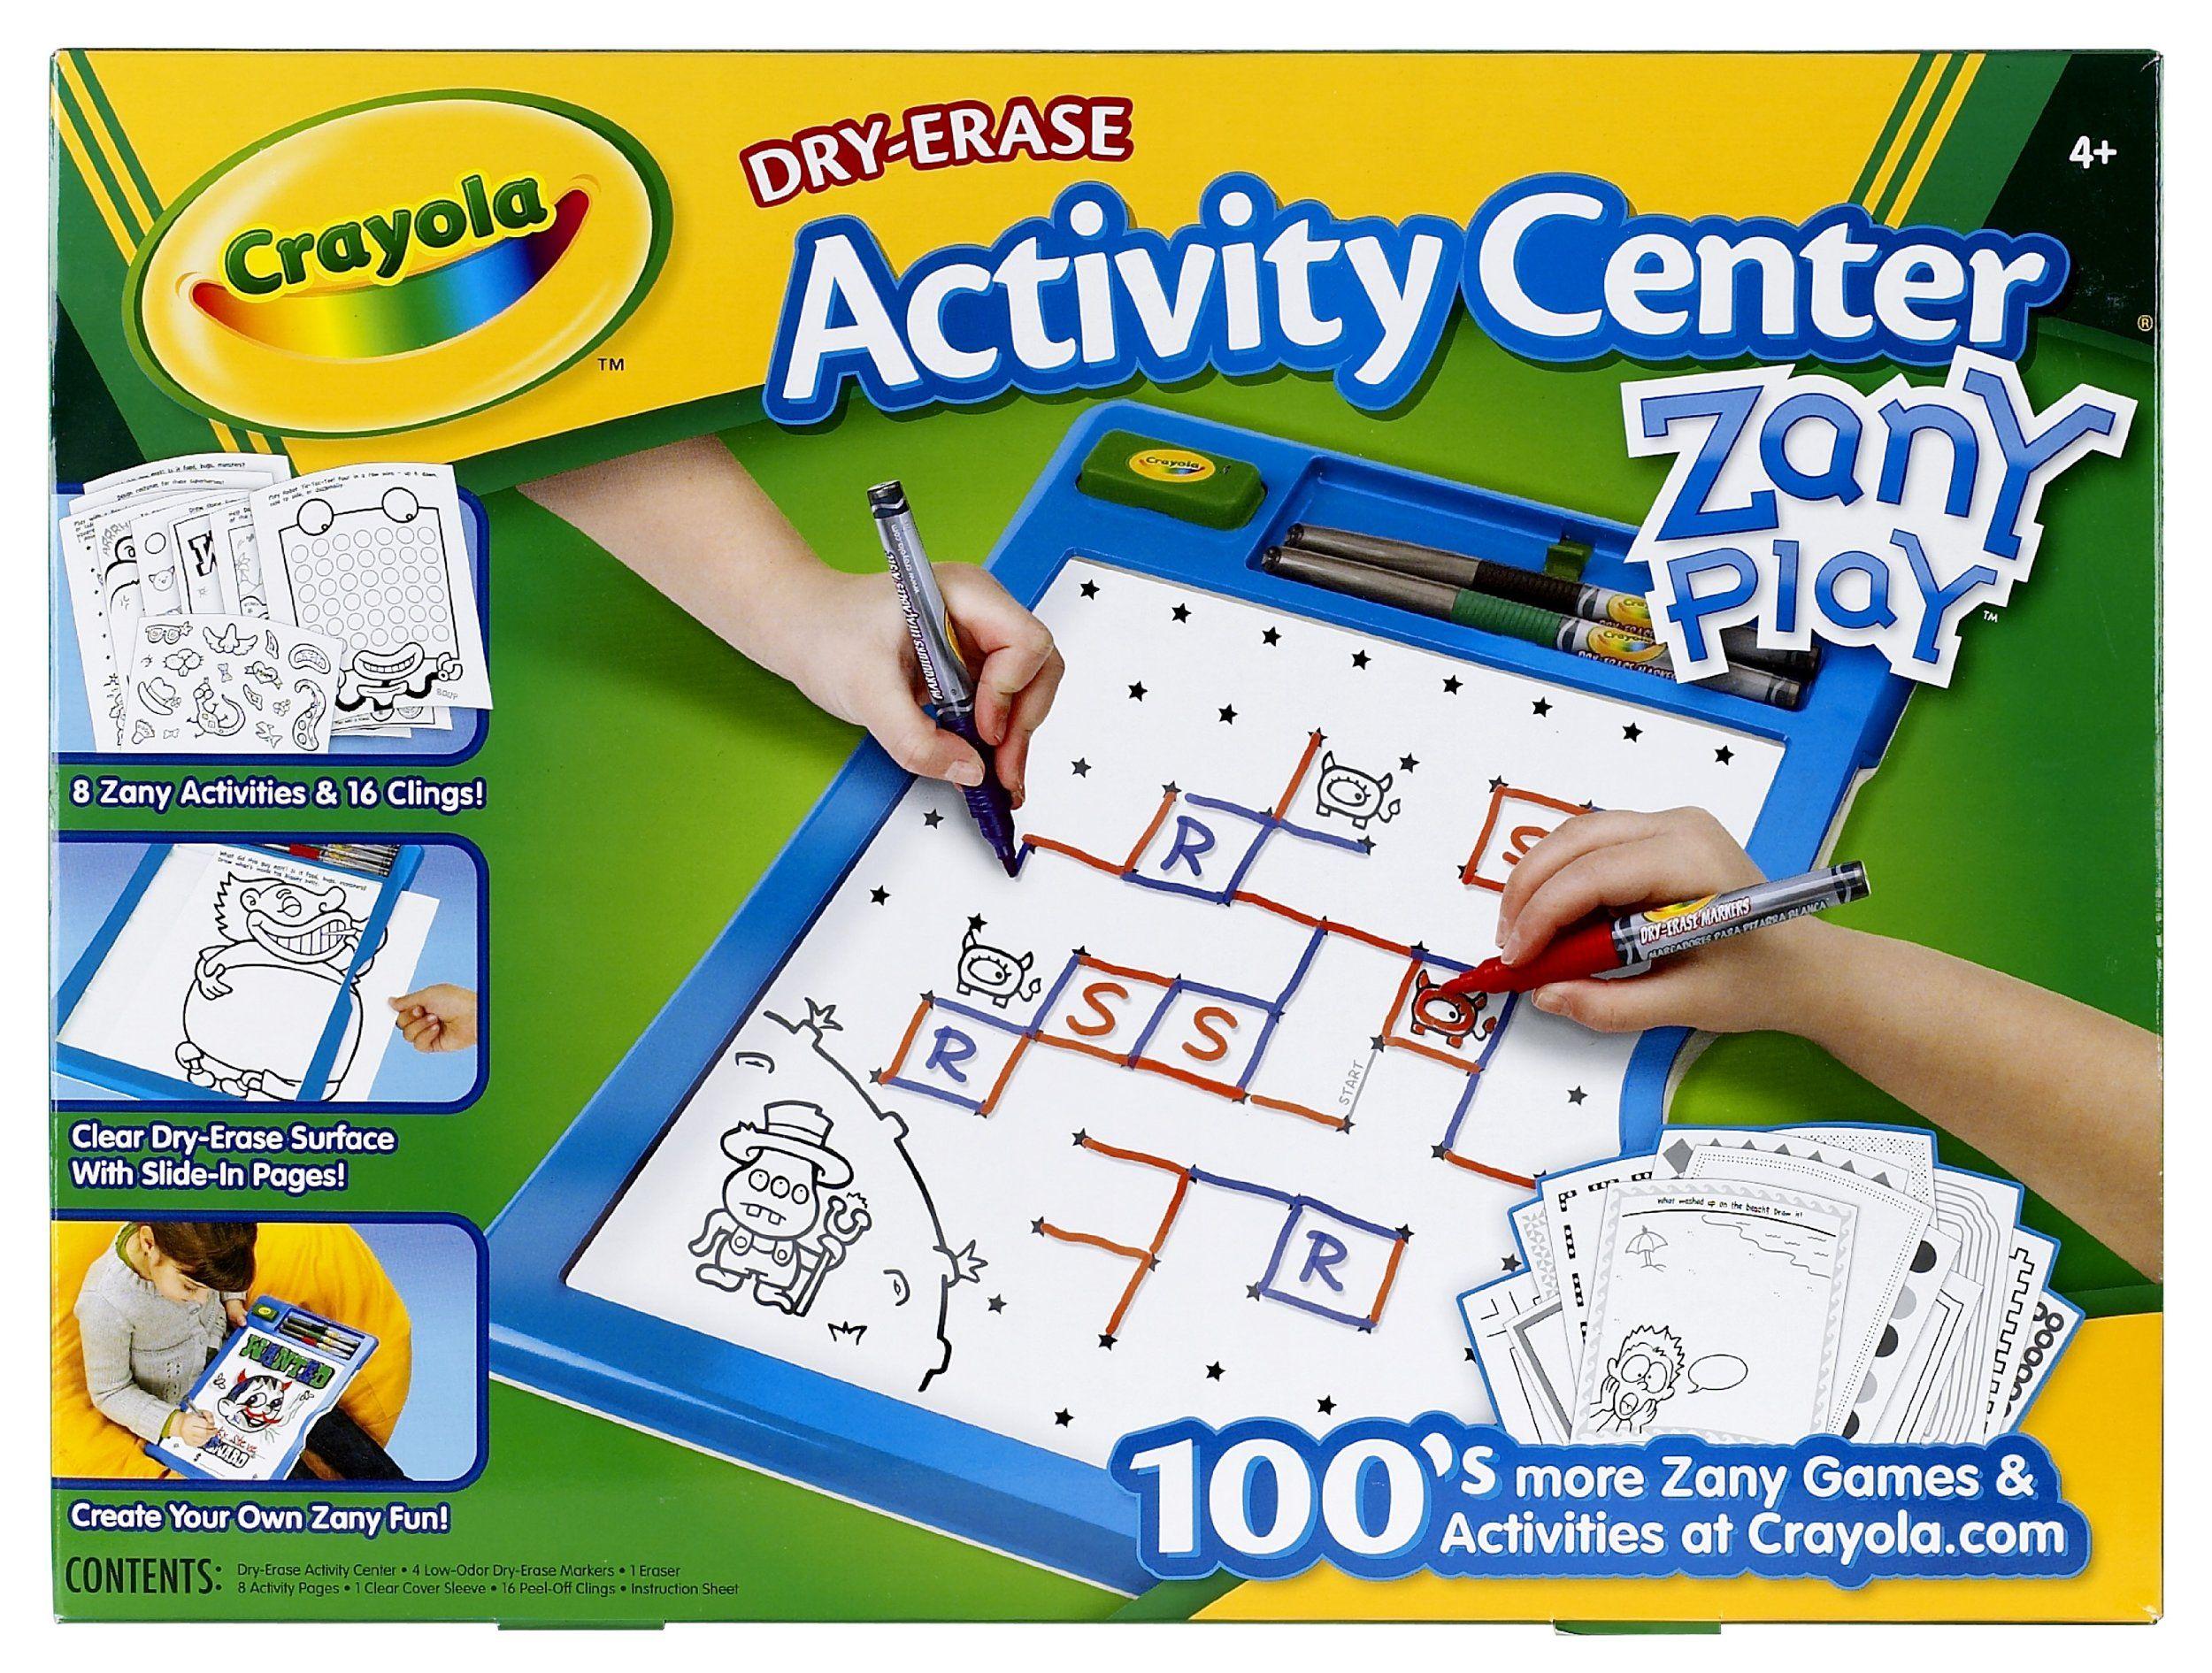 Amazon Crayola Dry Erase Activity Center Zany Play Edition